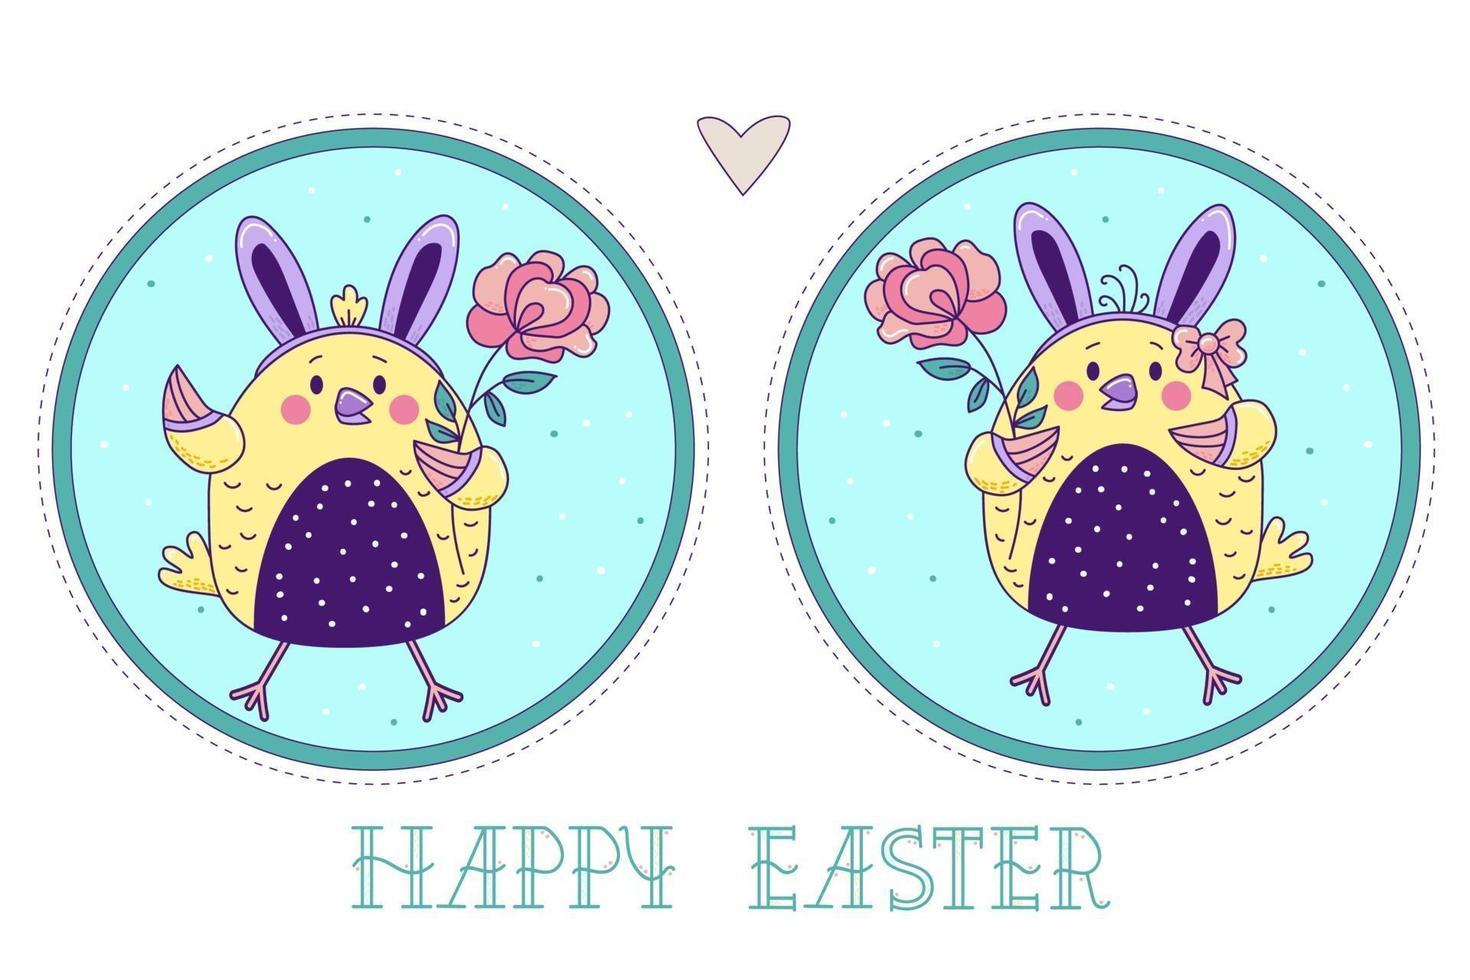 um par de pássaros bonitos. Páscoa pintinhos menina e menino com orelhas de coelho e com uma rosa em um fundo redondo decorativo. ilustração vetorial. cartão colorido feliz páscoa vetor